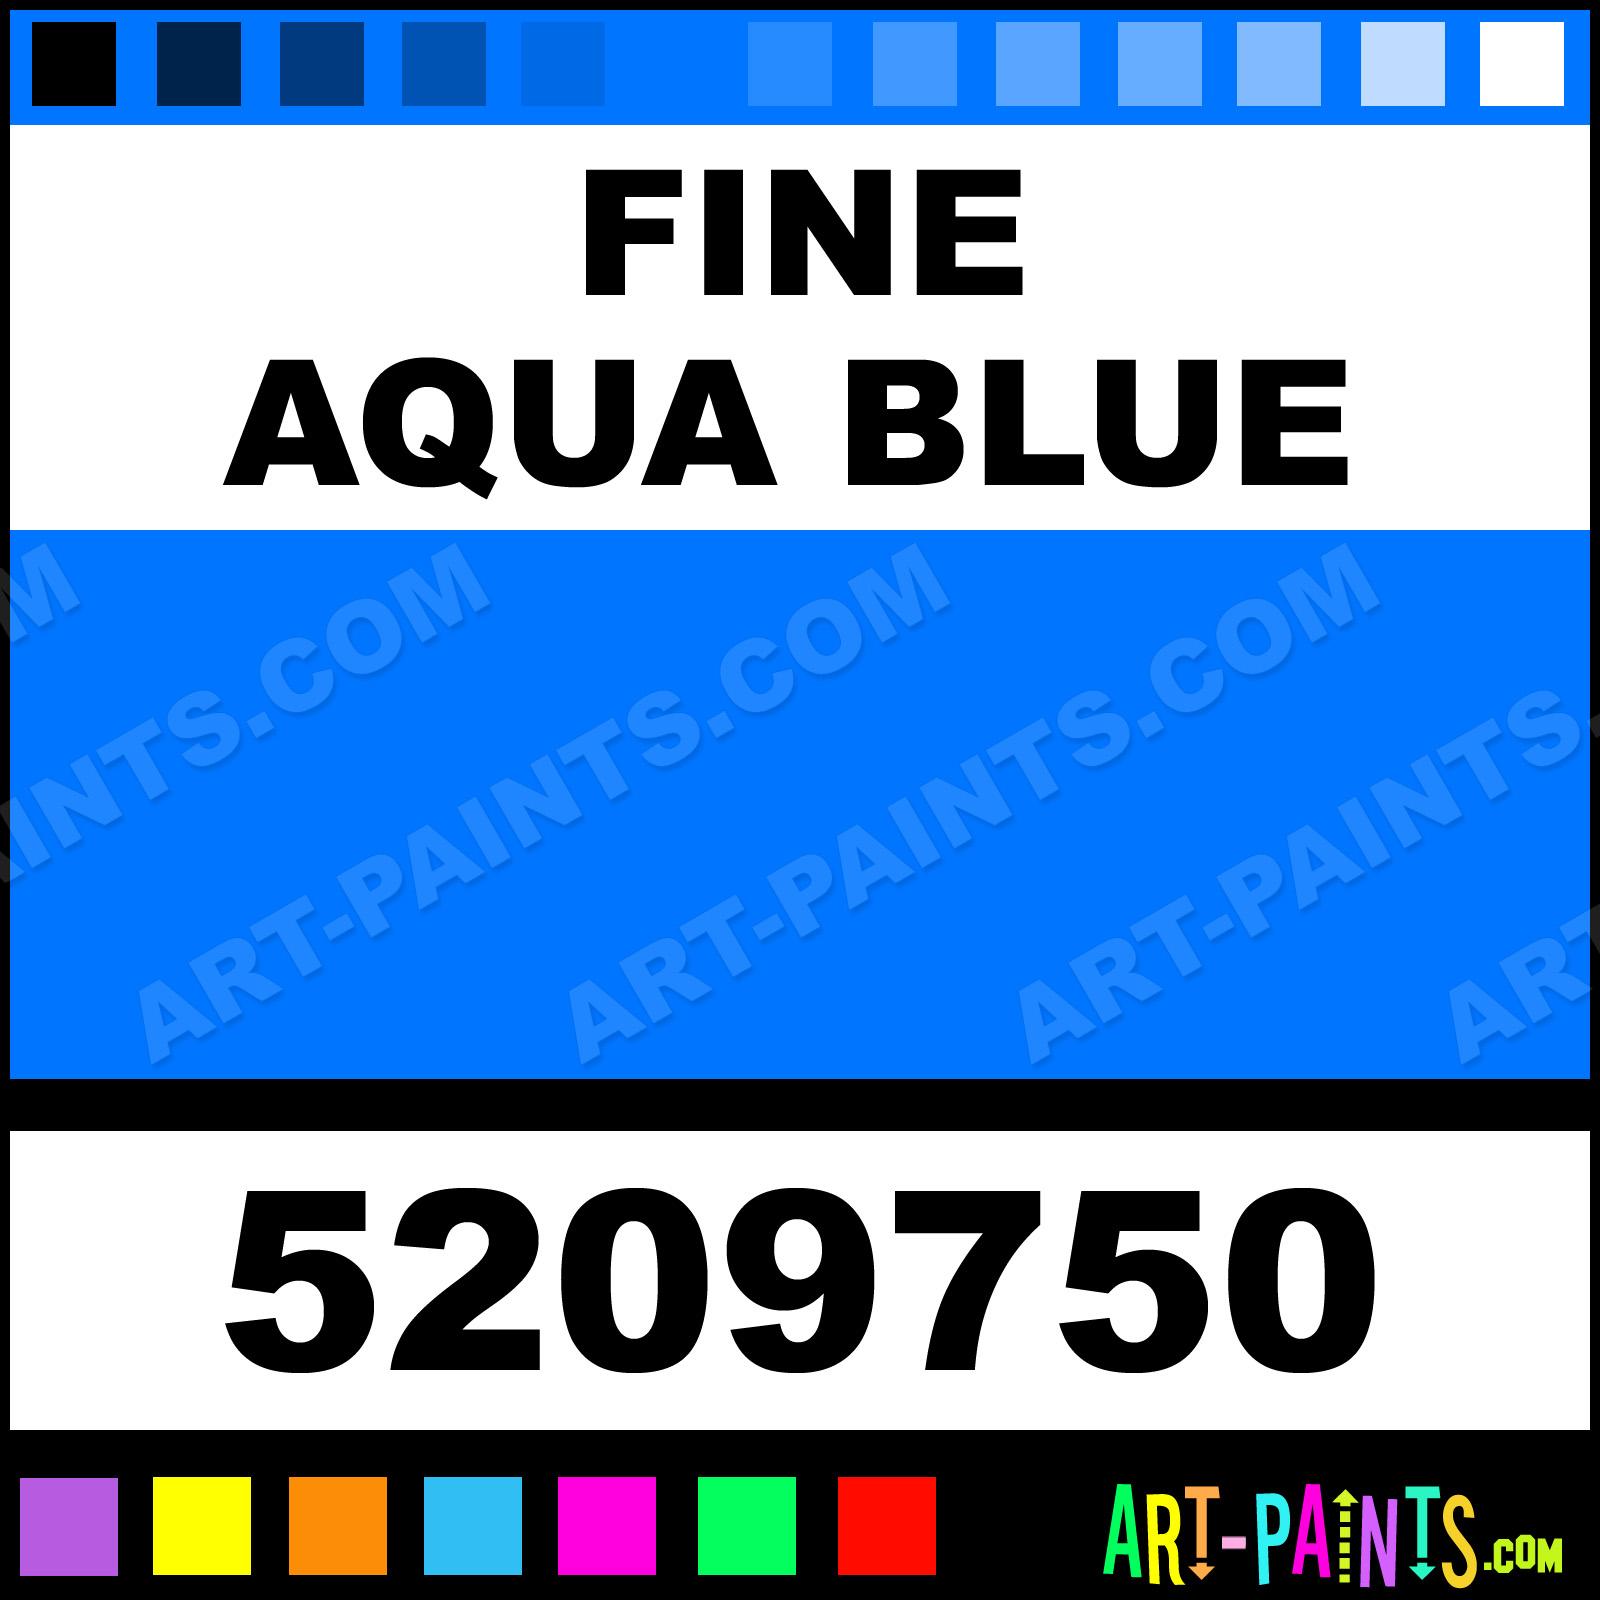 Fine Aqua Blue Paint Marker Stained Gl Window Paints 5209750 Color Sharpie